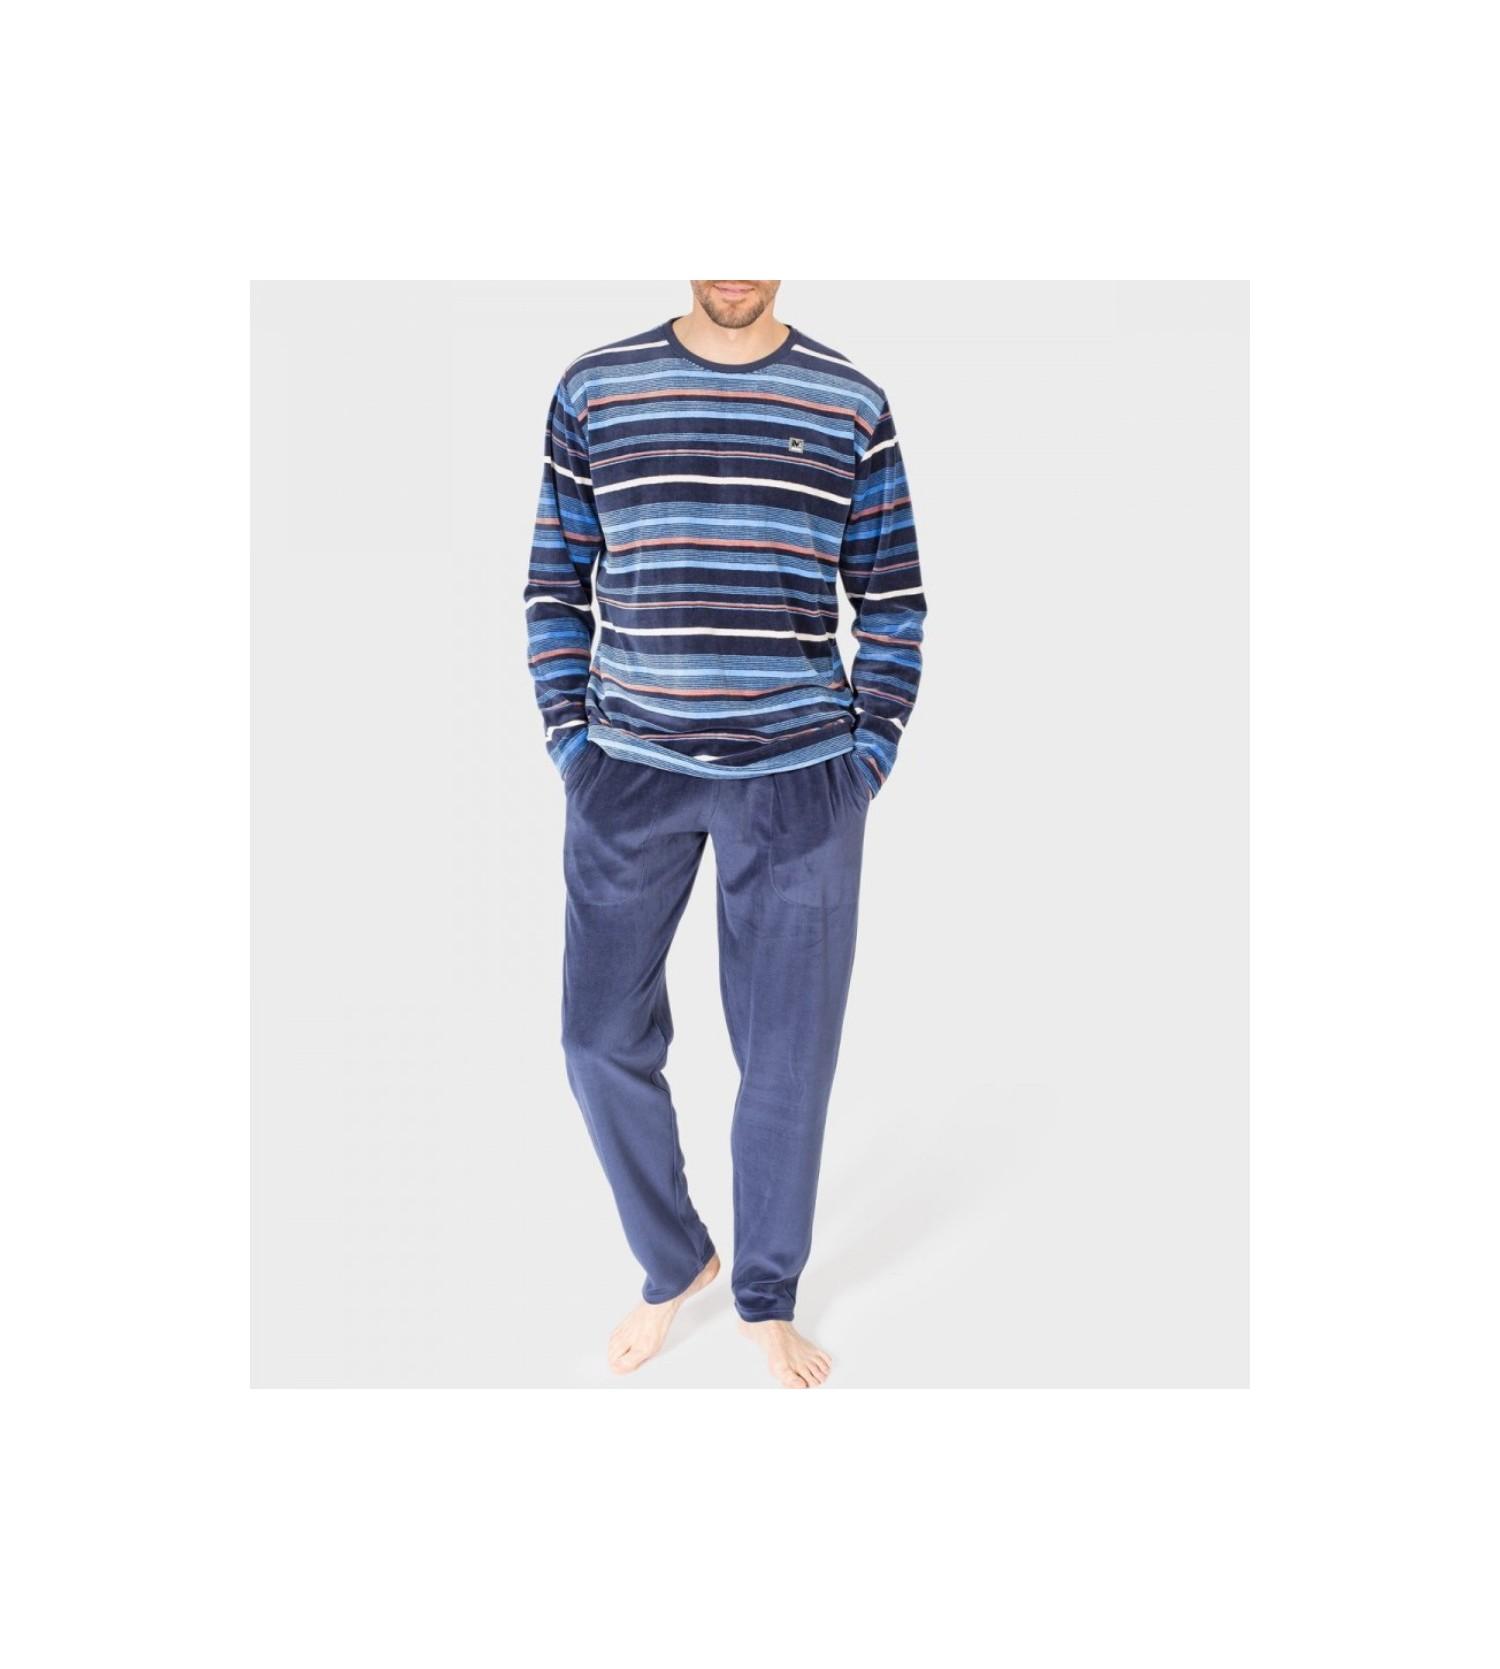 Pyjama velour rayé tricolore Homme BLEU - Lingerie Sipp c8c0317a02c